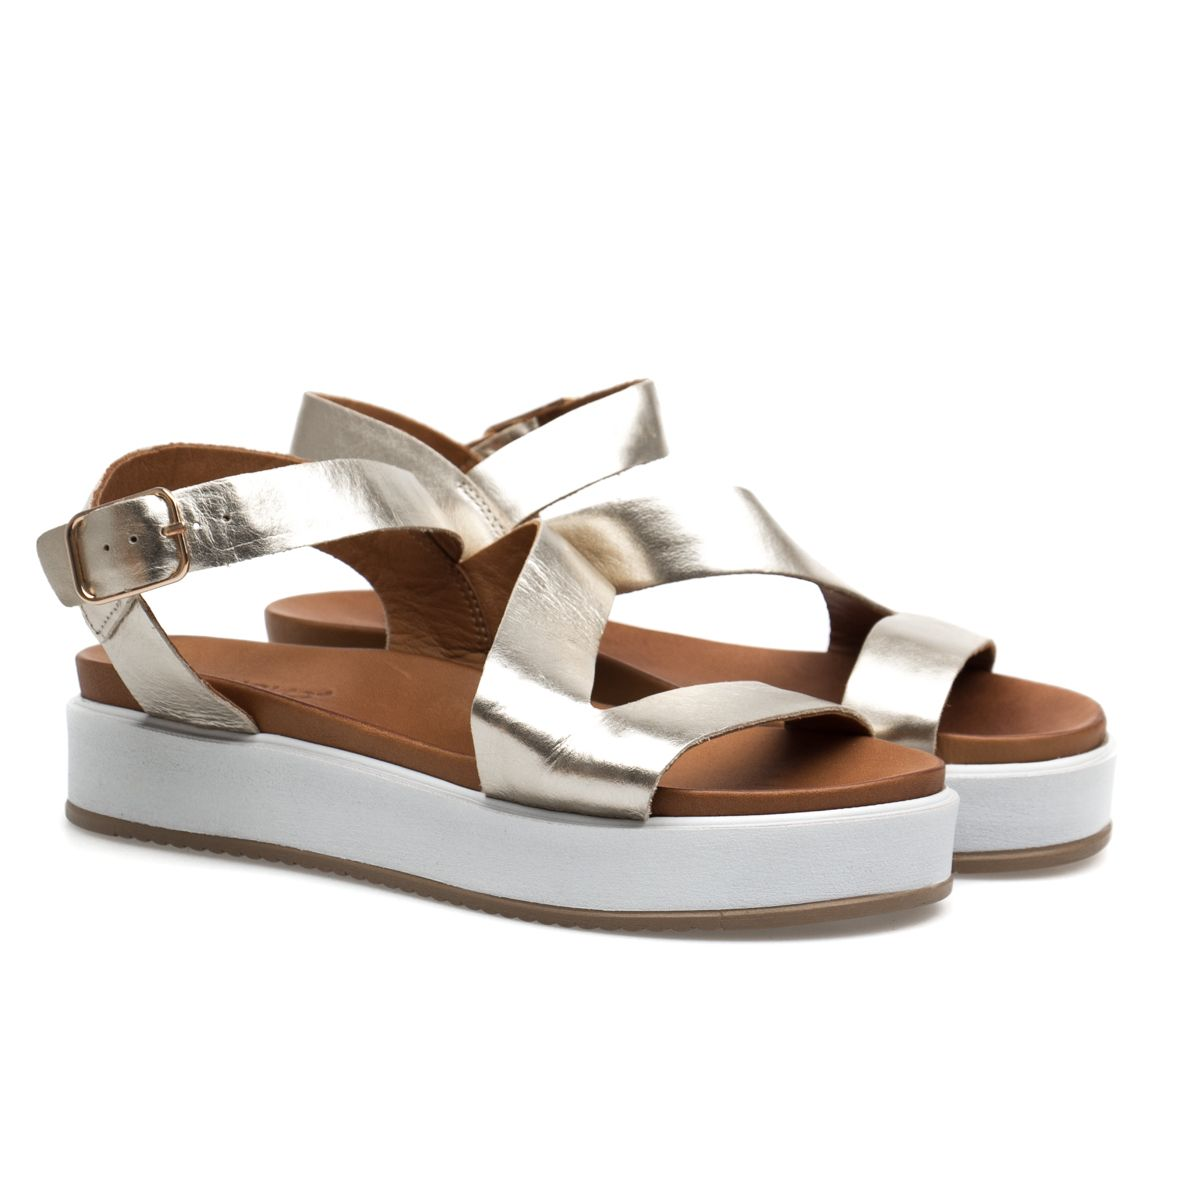 2acb9178cc4e ženske sandale ravne - inuovo-7320-gold